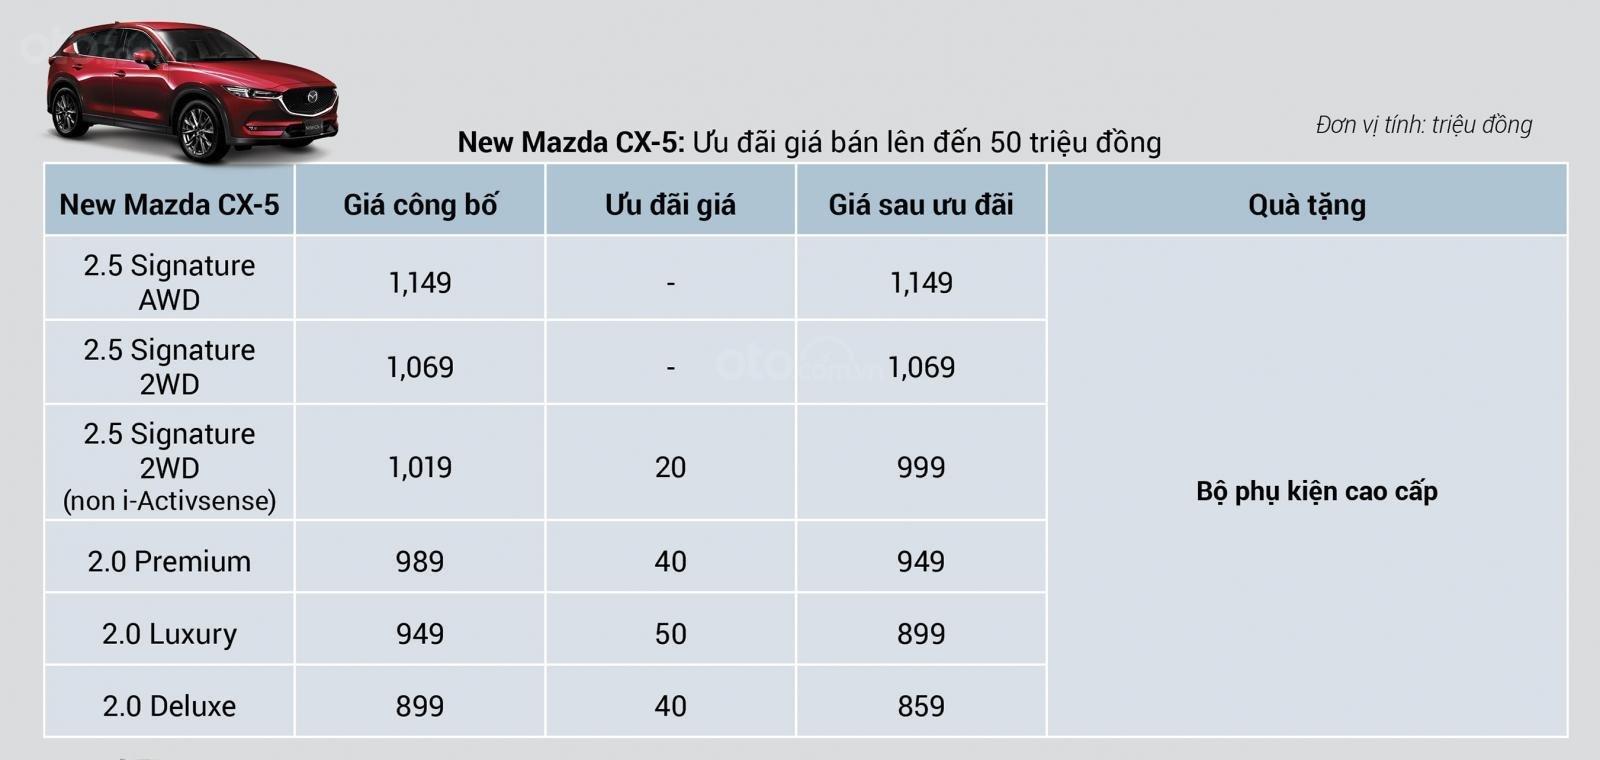 Mazda CX-5 2019 nâng cấp được tăng ưu đãi đến 50 triệu đồng a3